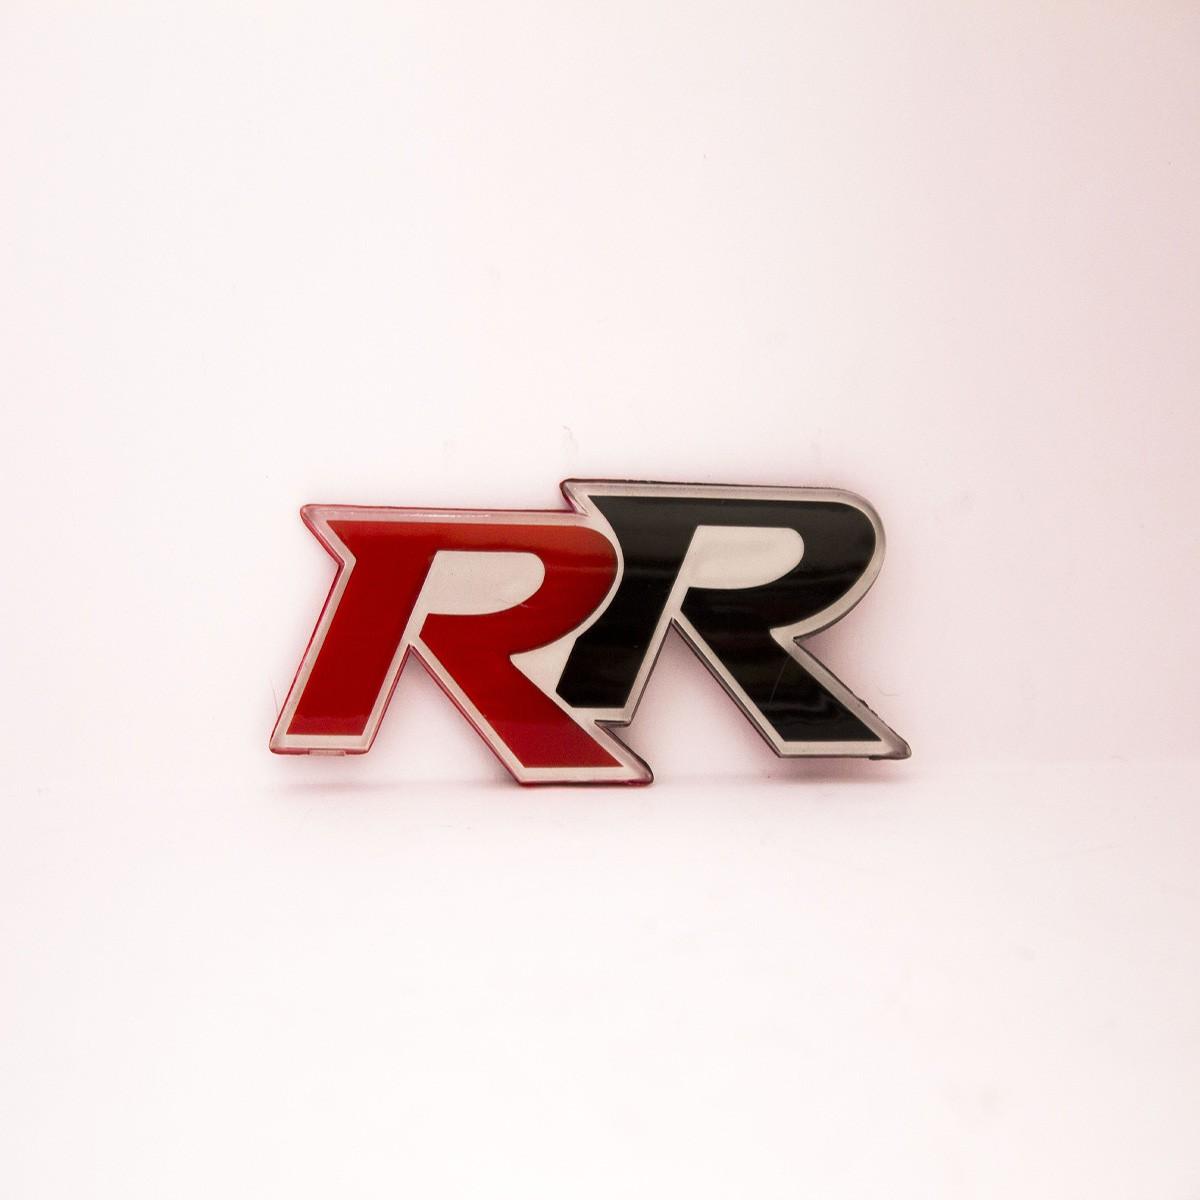 R R Metal Logo Batch for Cars